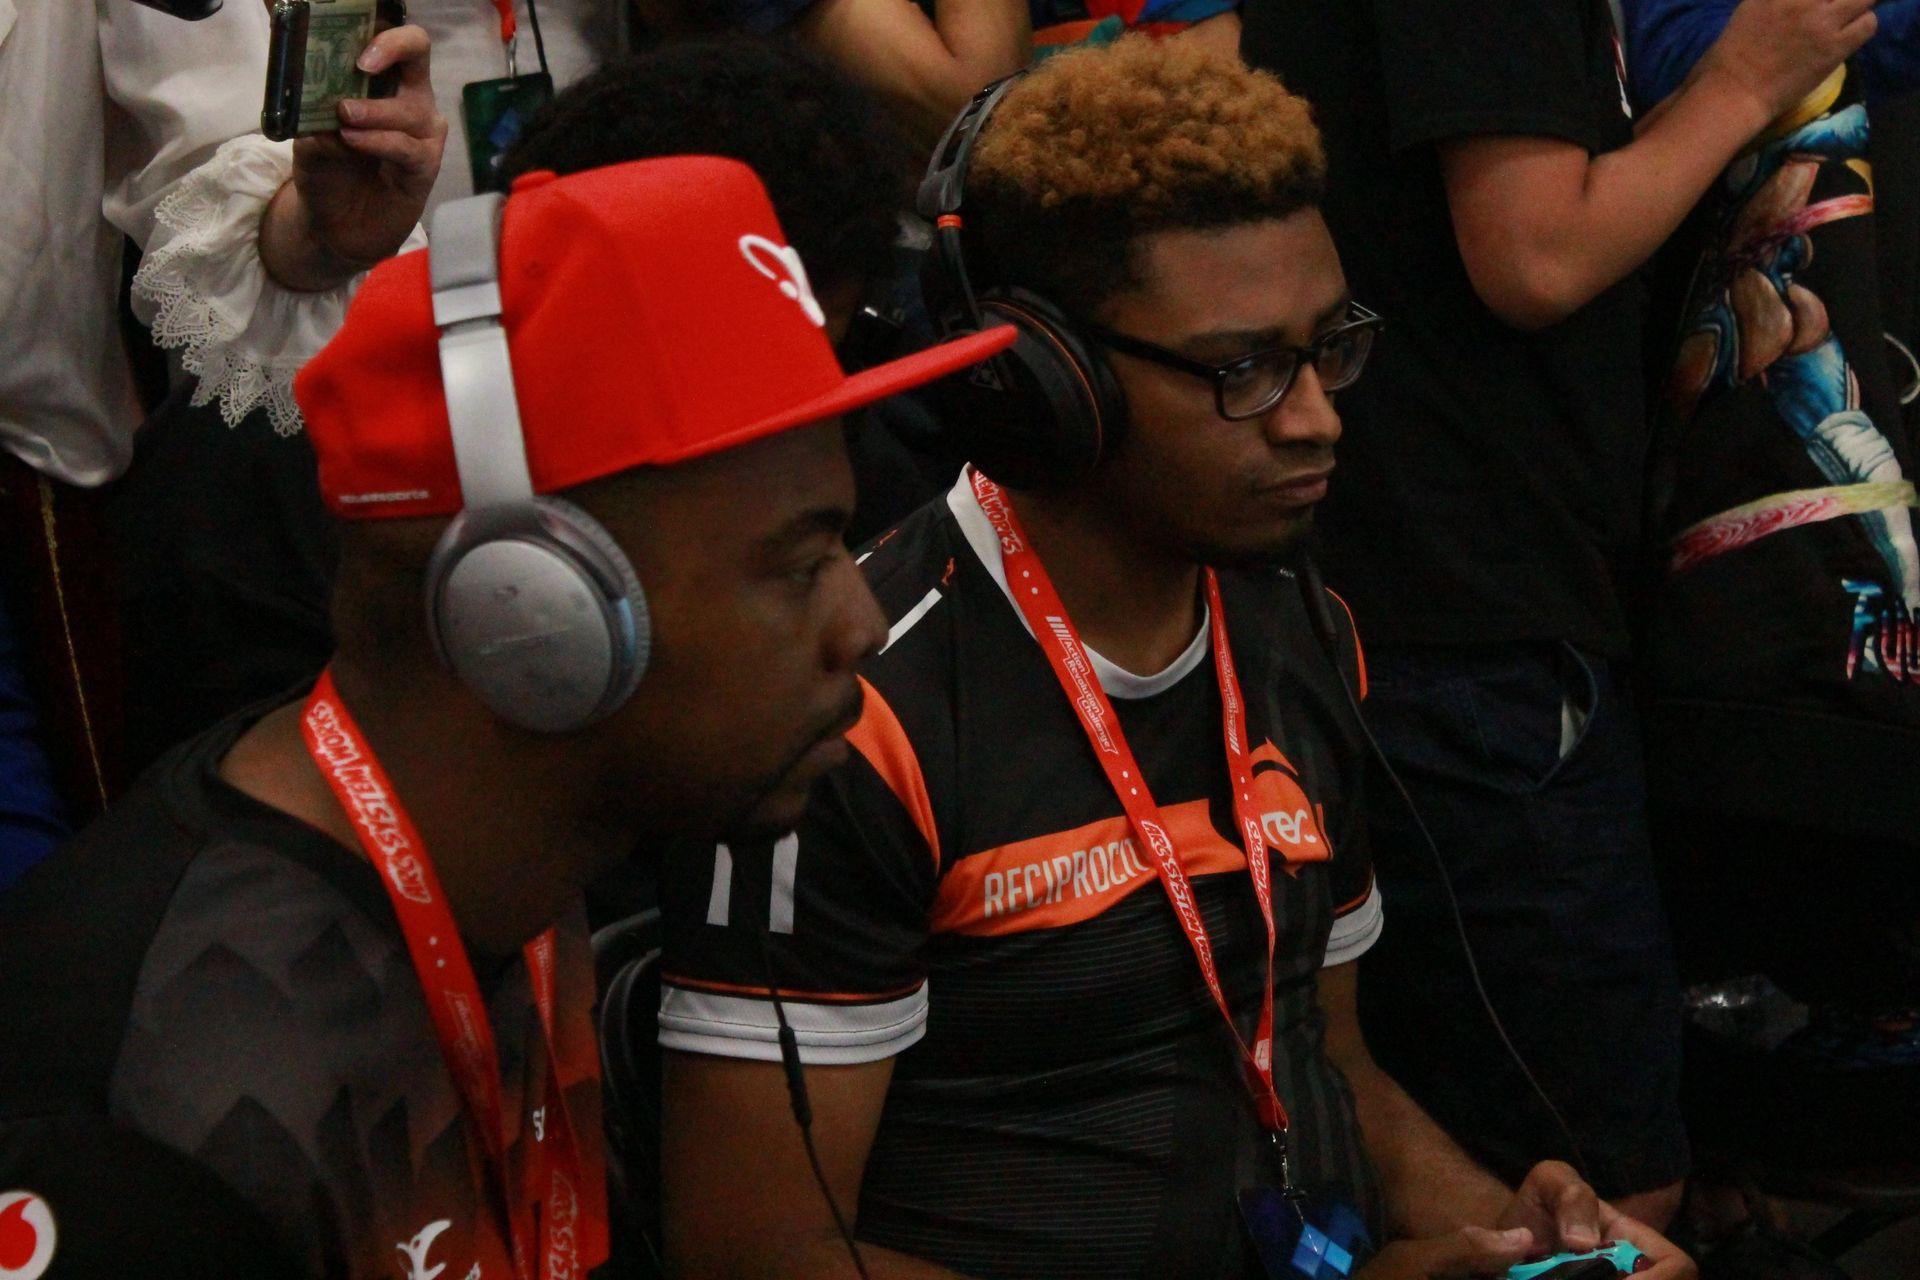 ProblemX選手(写真左)とPunk選手(写真右)